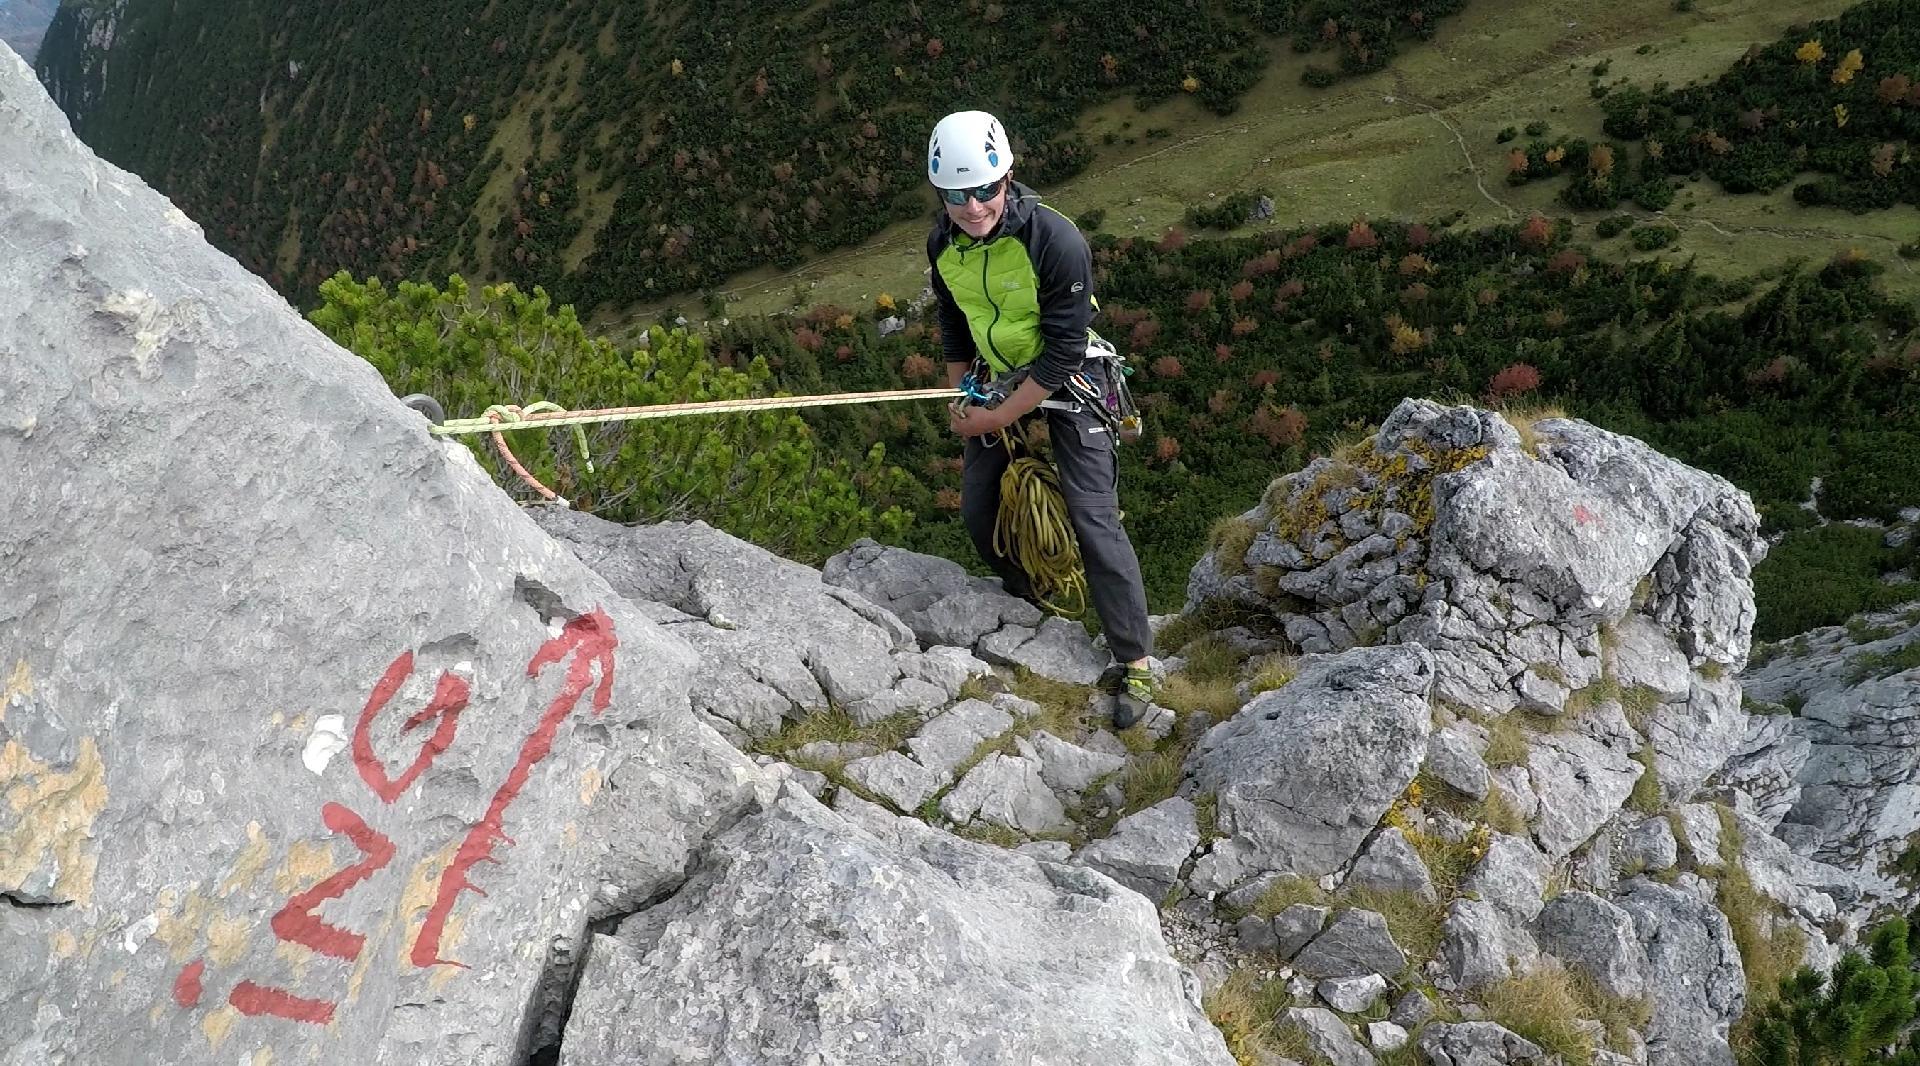 Sebastian beim Abseilen vom Gipfel der Ruchenköpfe